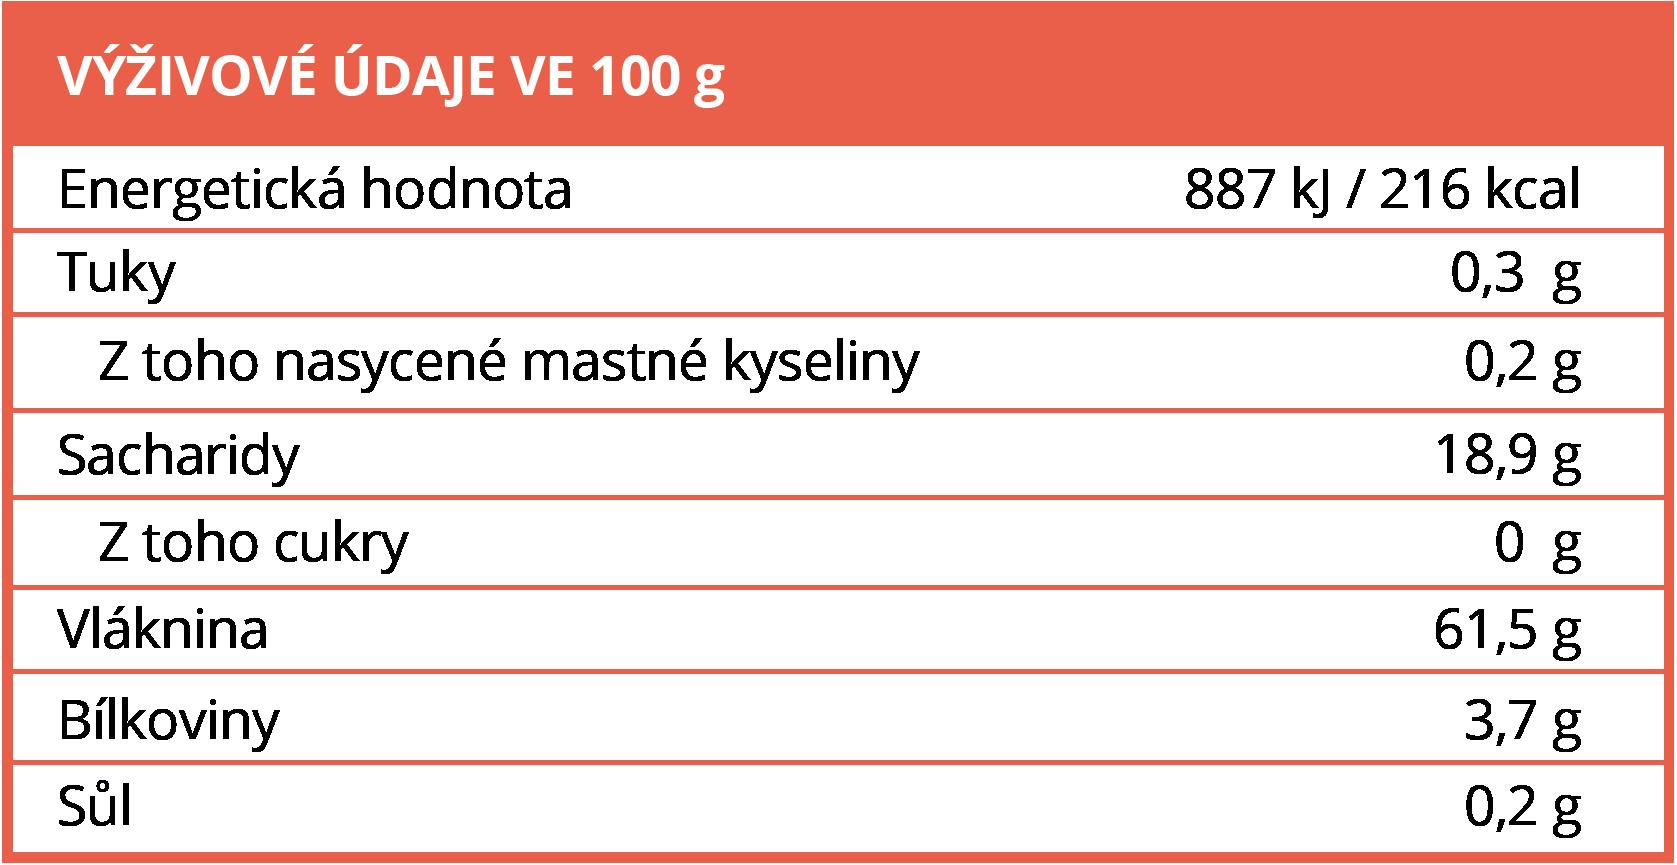 Výživové hodnoty BrainMax Pure Skořice Cejlonská BIO mletá, 100 g - BrainMarket.cz